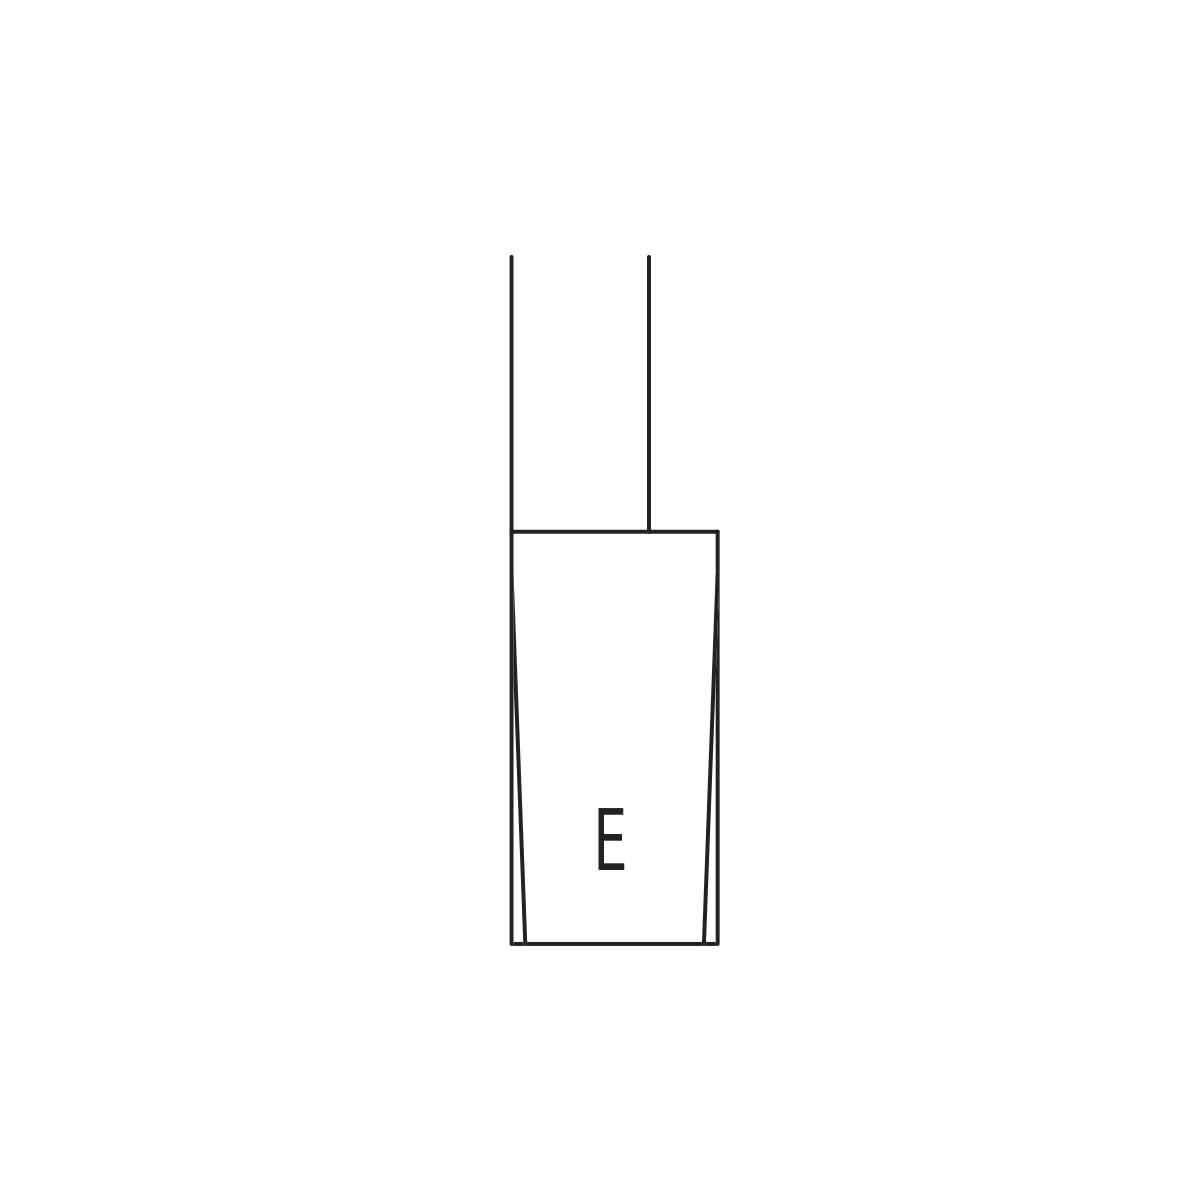 Form_E_